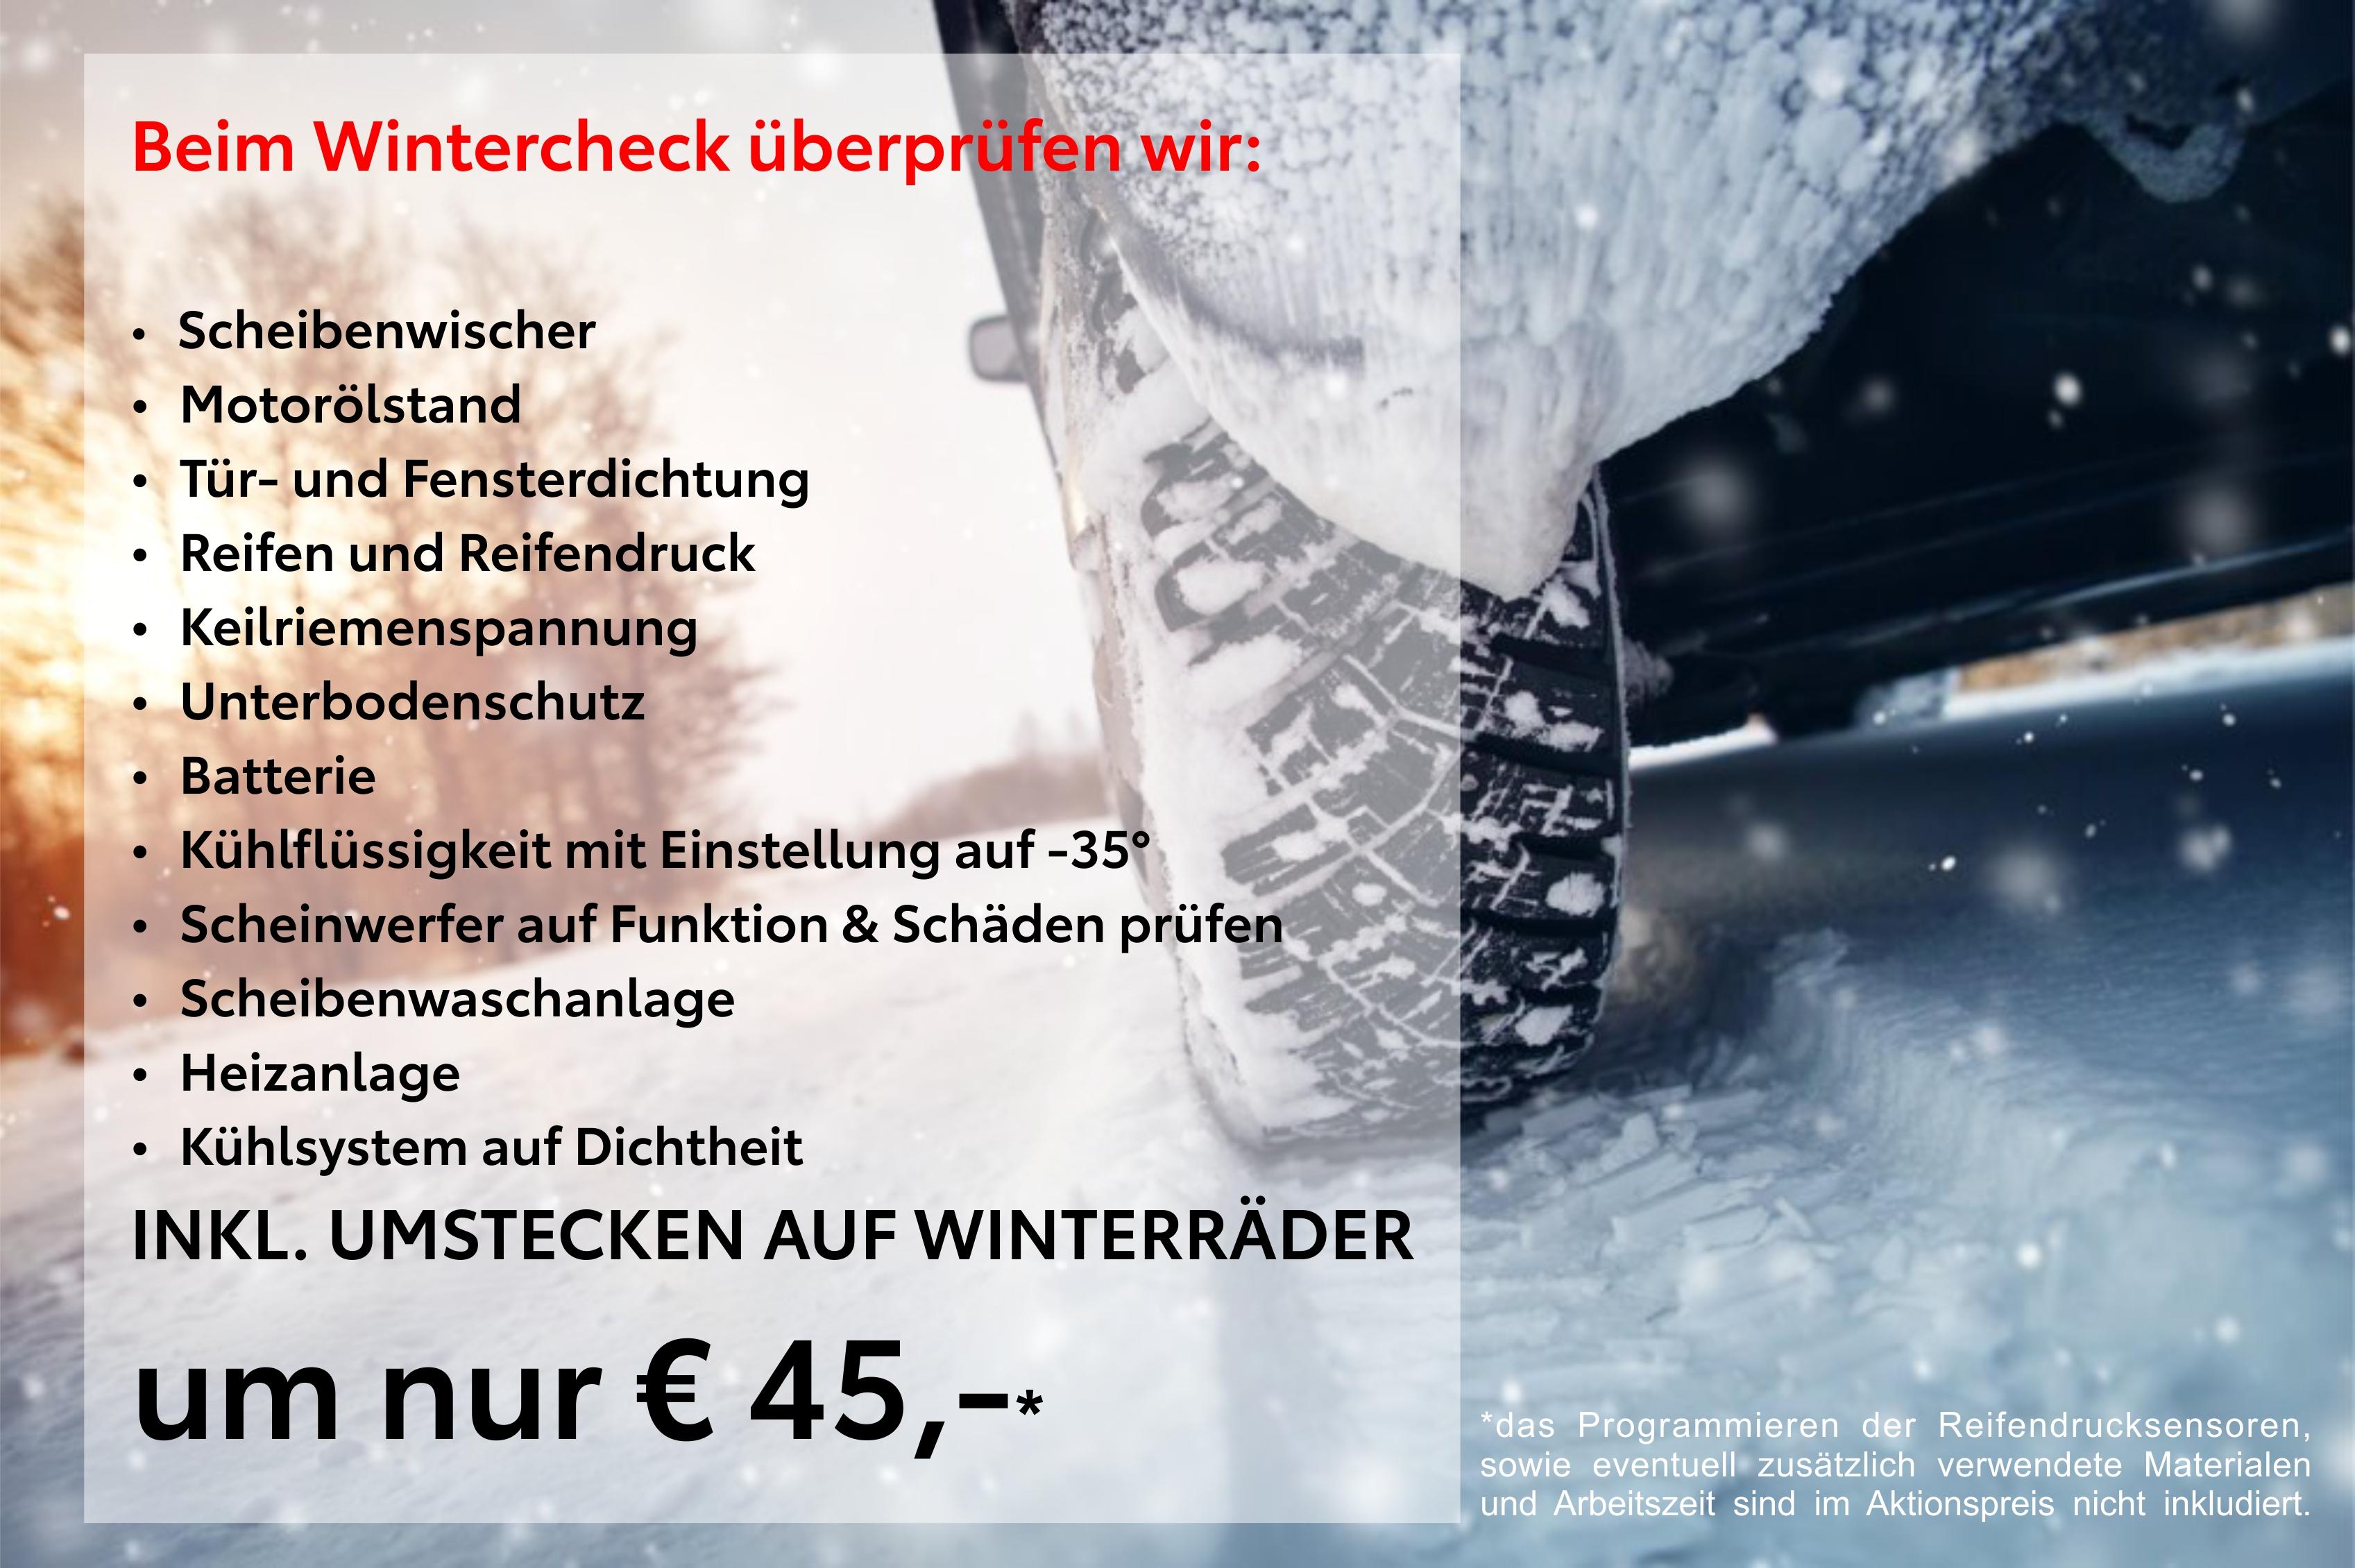 Bild Wintercheck inklusive Räder umstecken bei Toyfl um nur € 45,--